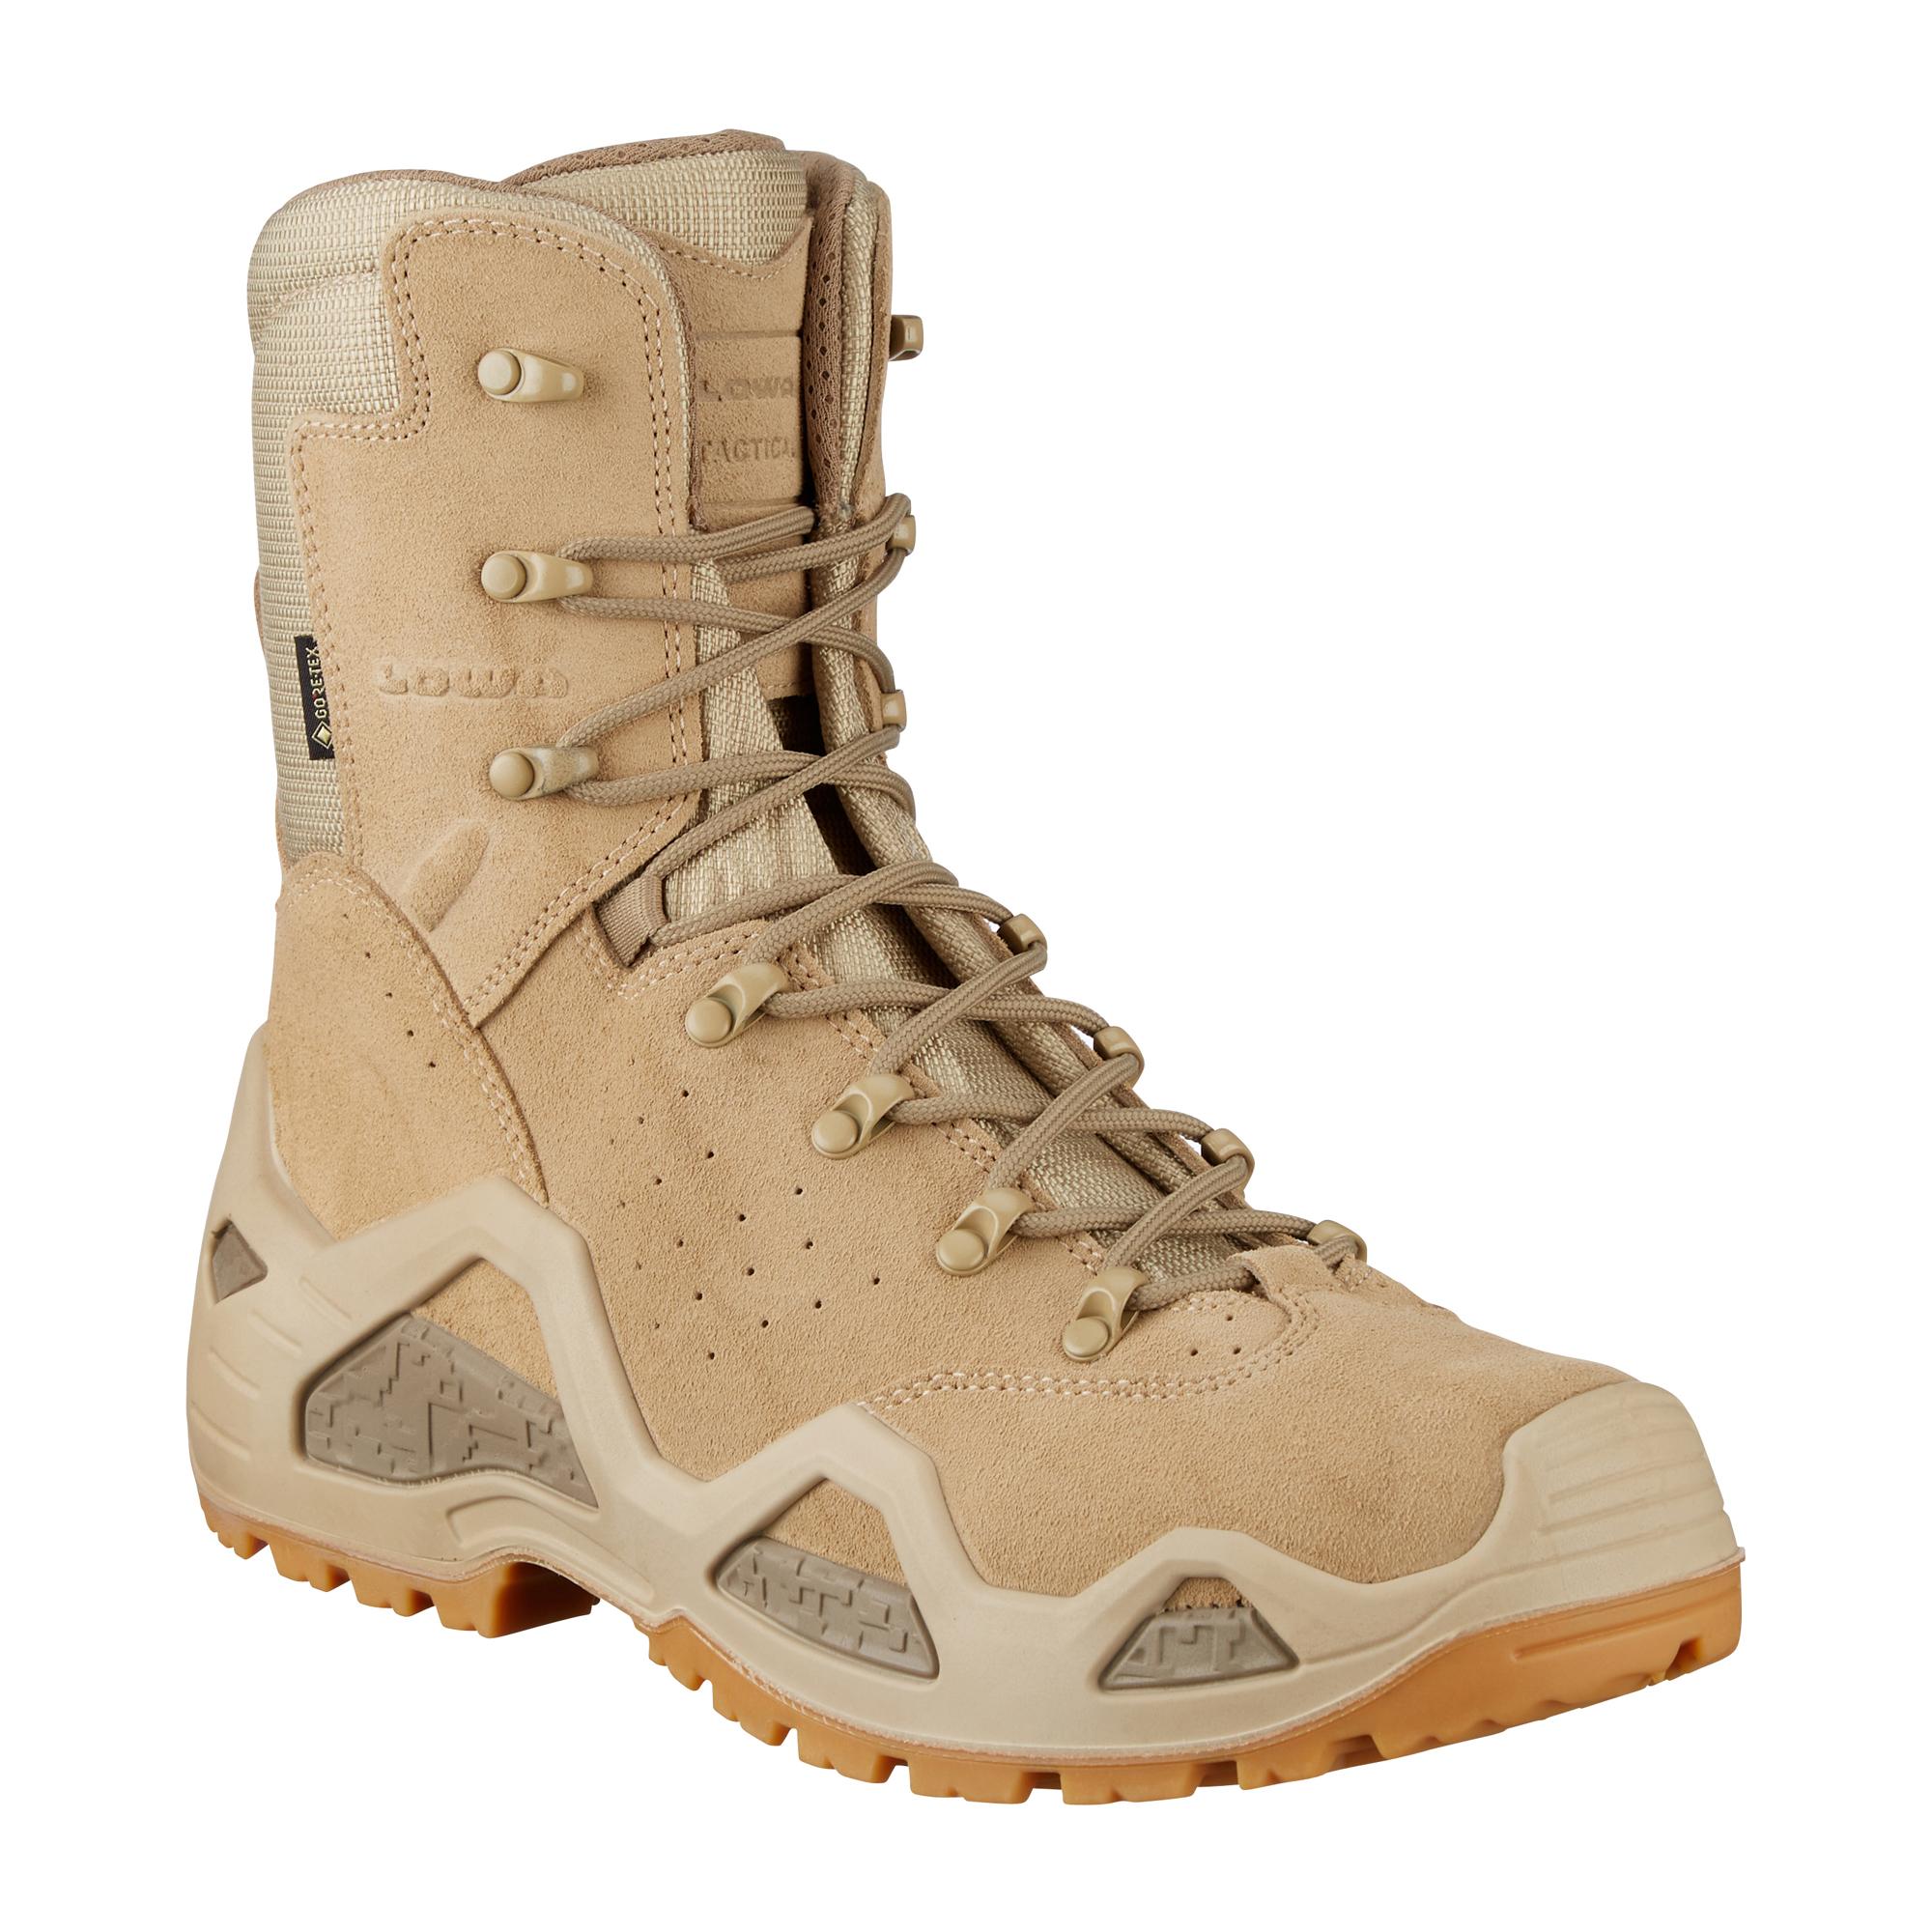 Stiefel LOWA Z-8S GTX® desert